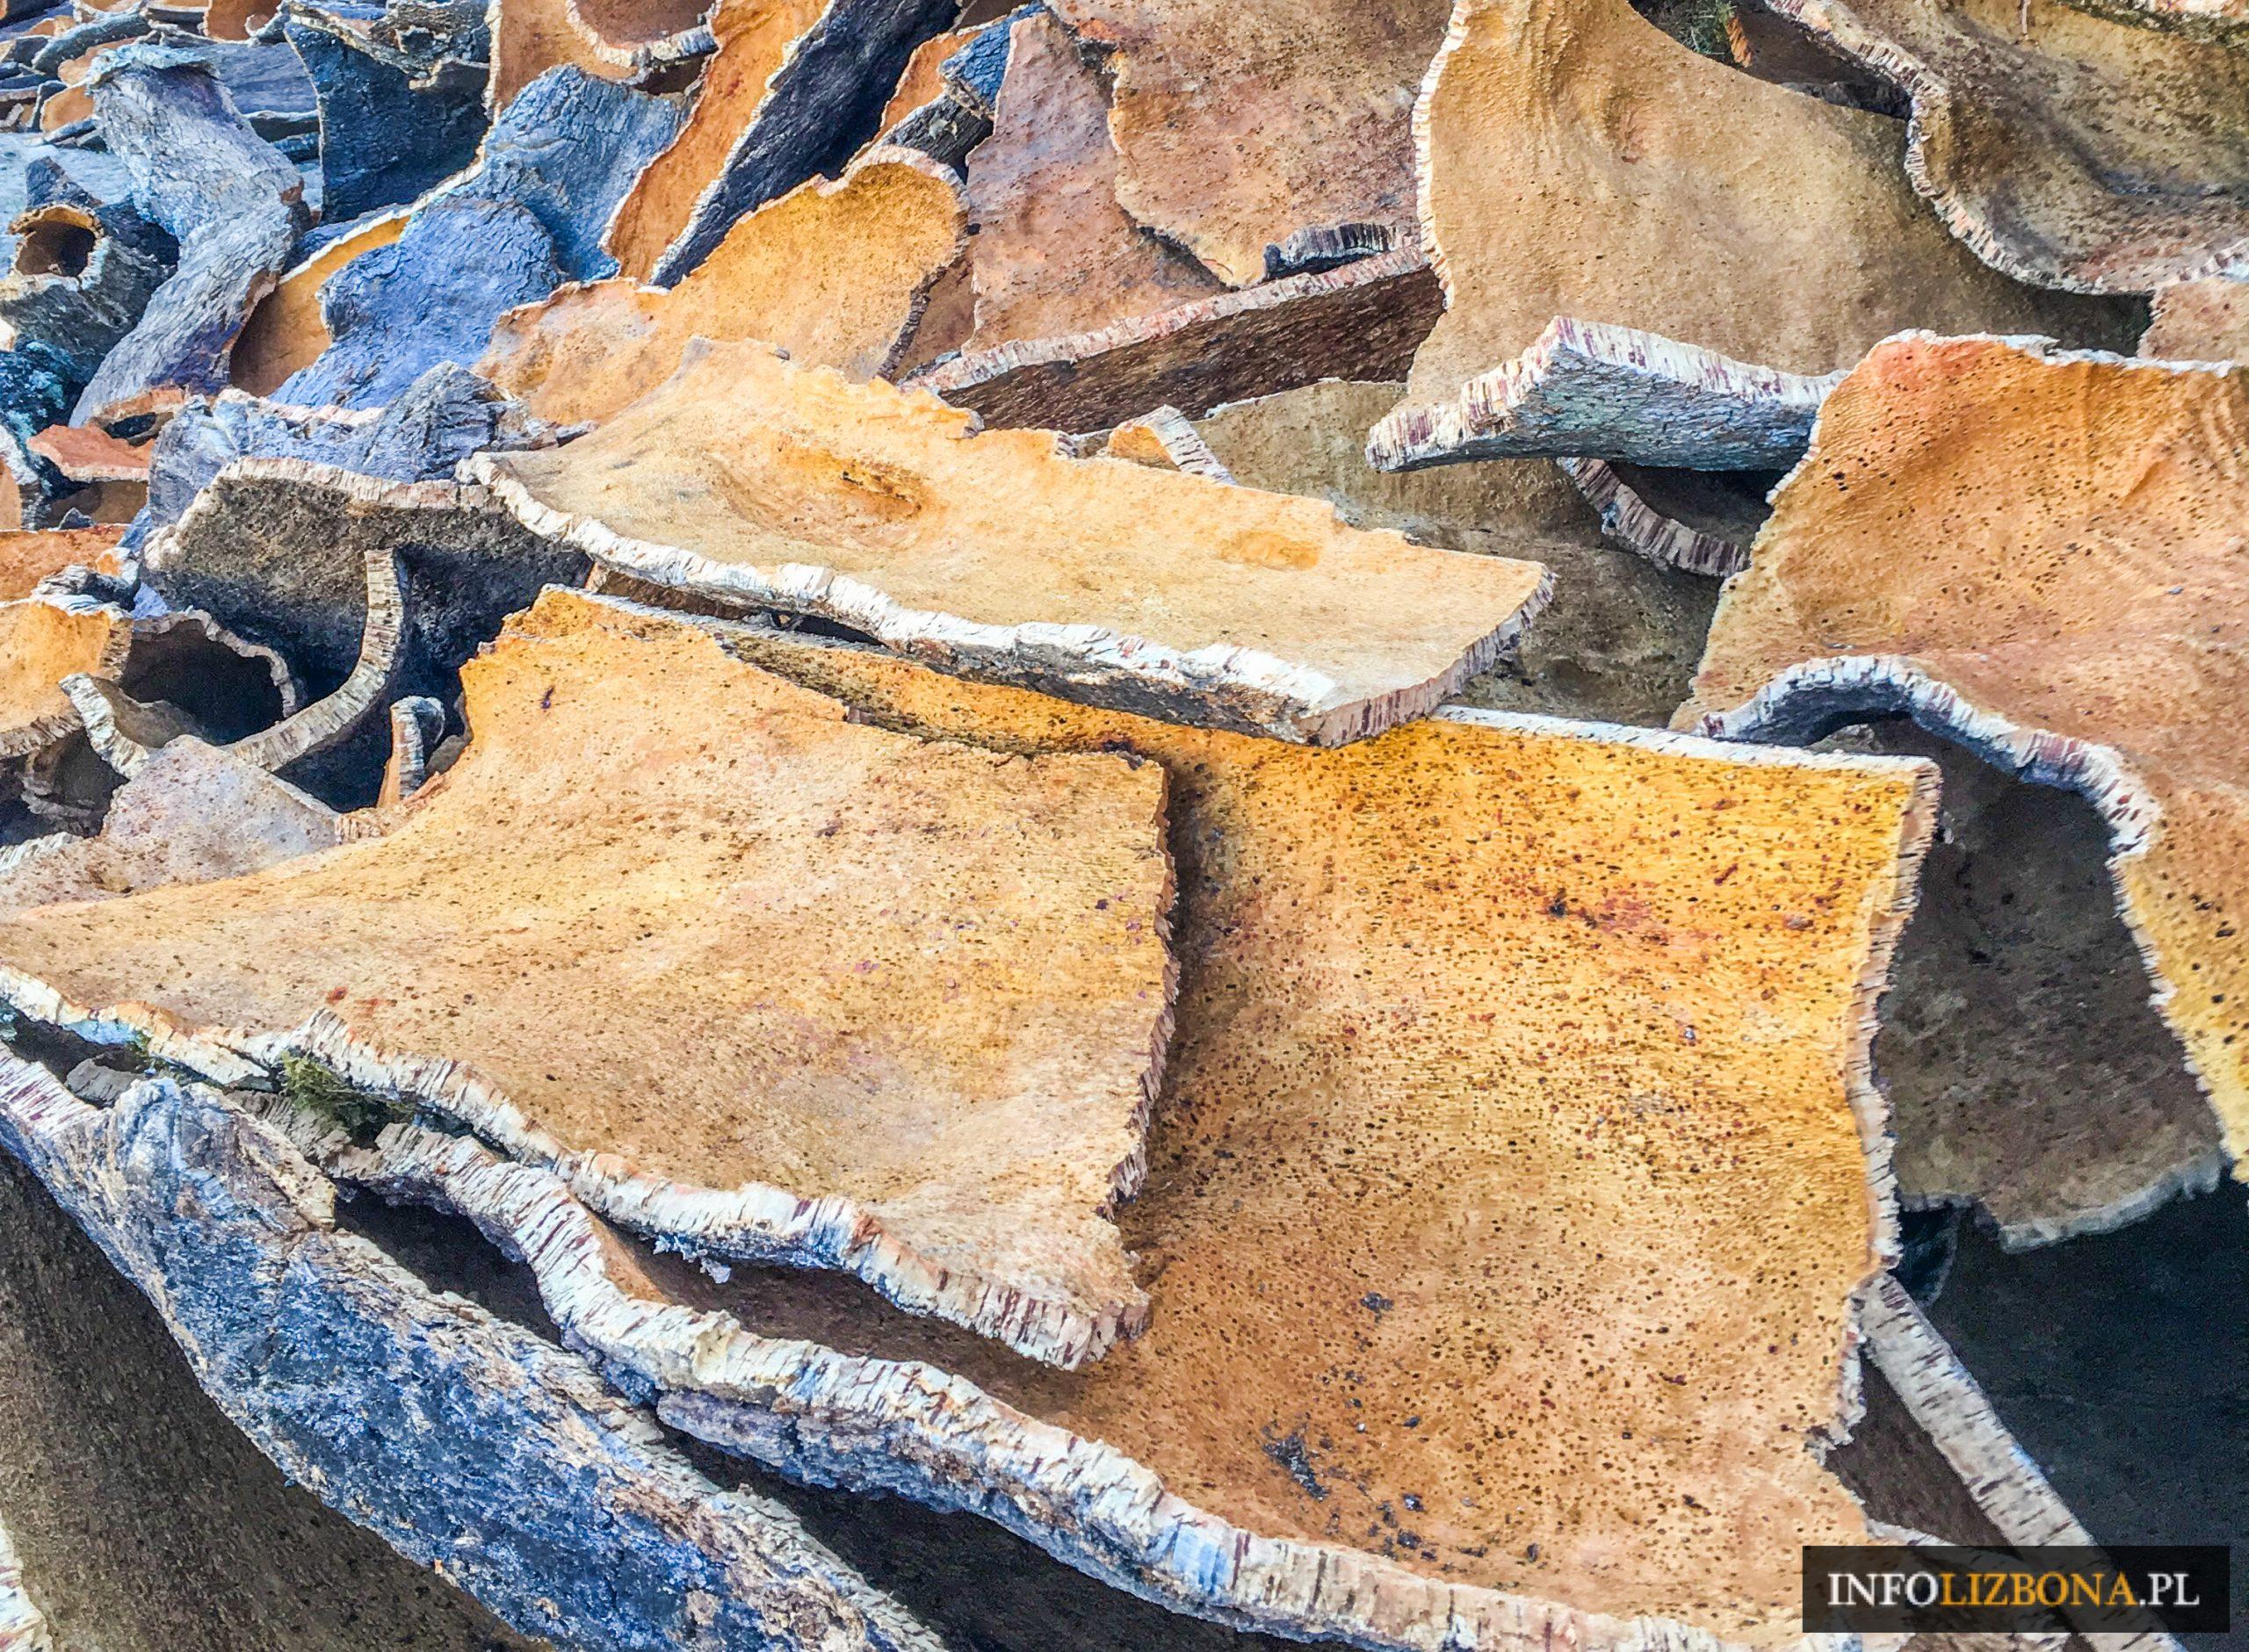 Korek Portugalski Portulia Korek Wyroby z Korka Korkowe Rzeczy Zwiedzanie Portugalii Alenetejo Lasy Korkowe Plantacje Fabryki Przewodnik Dąb korkowy Kupno Cena Gdzie Kupić